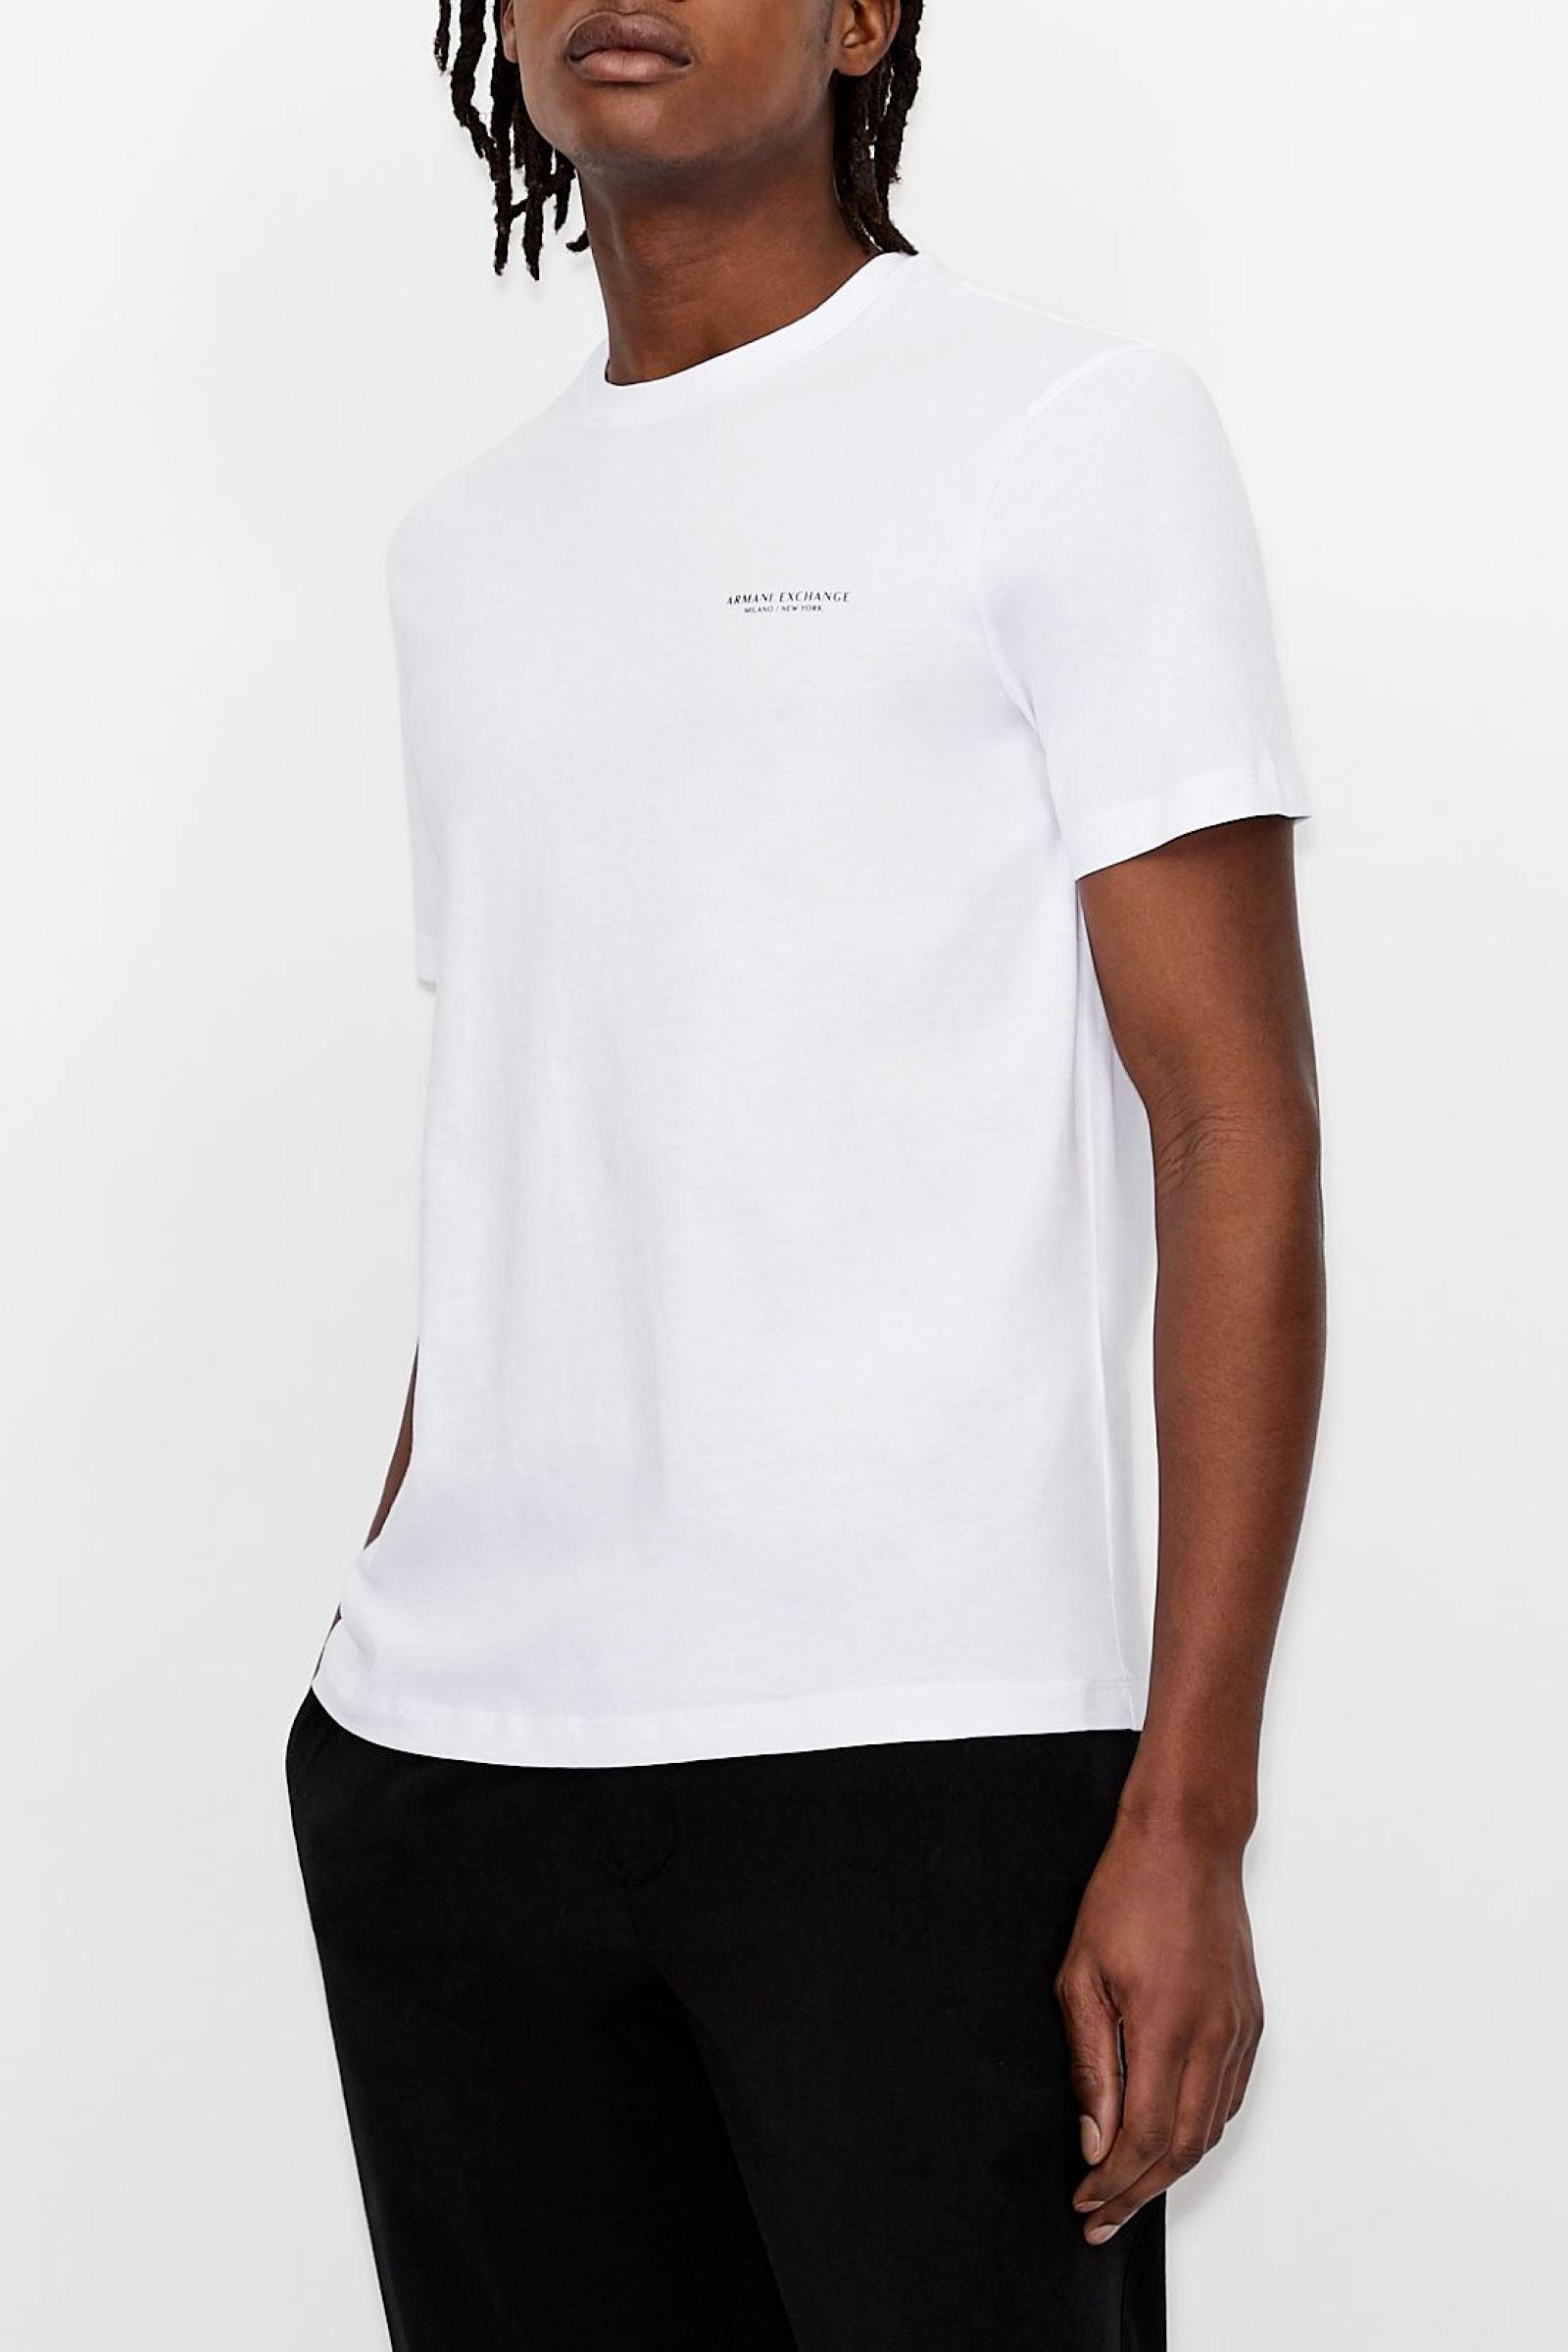 ARMANI EXCHANGE T-Shirt Uomo ARMANI EXCHANGE | T-Shirt | 8NZT91 Z8H4Z1100